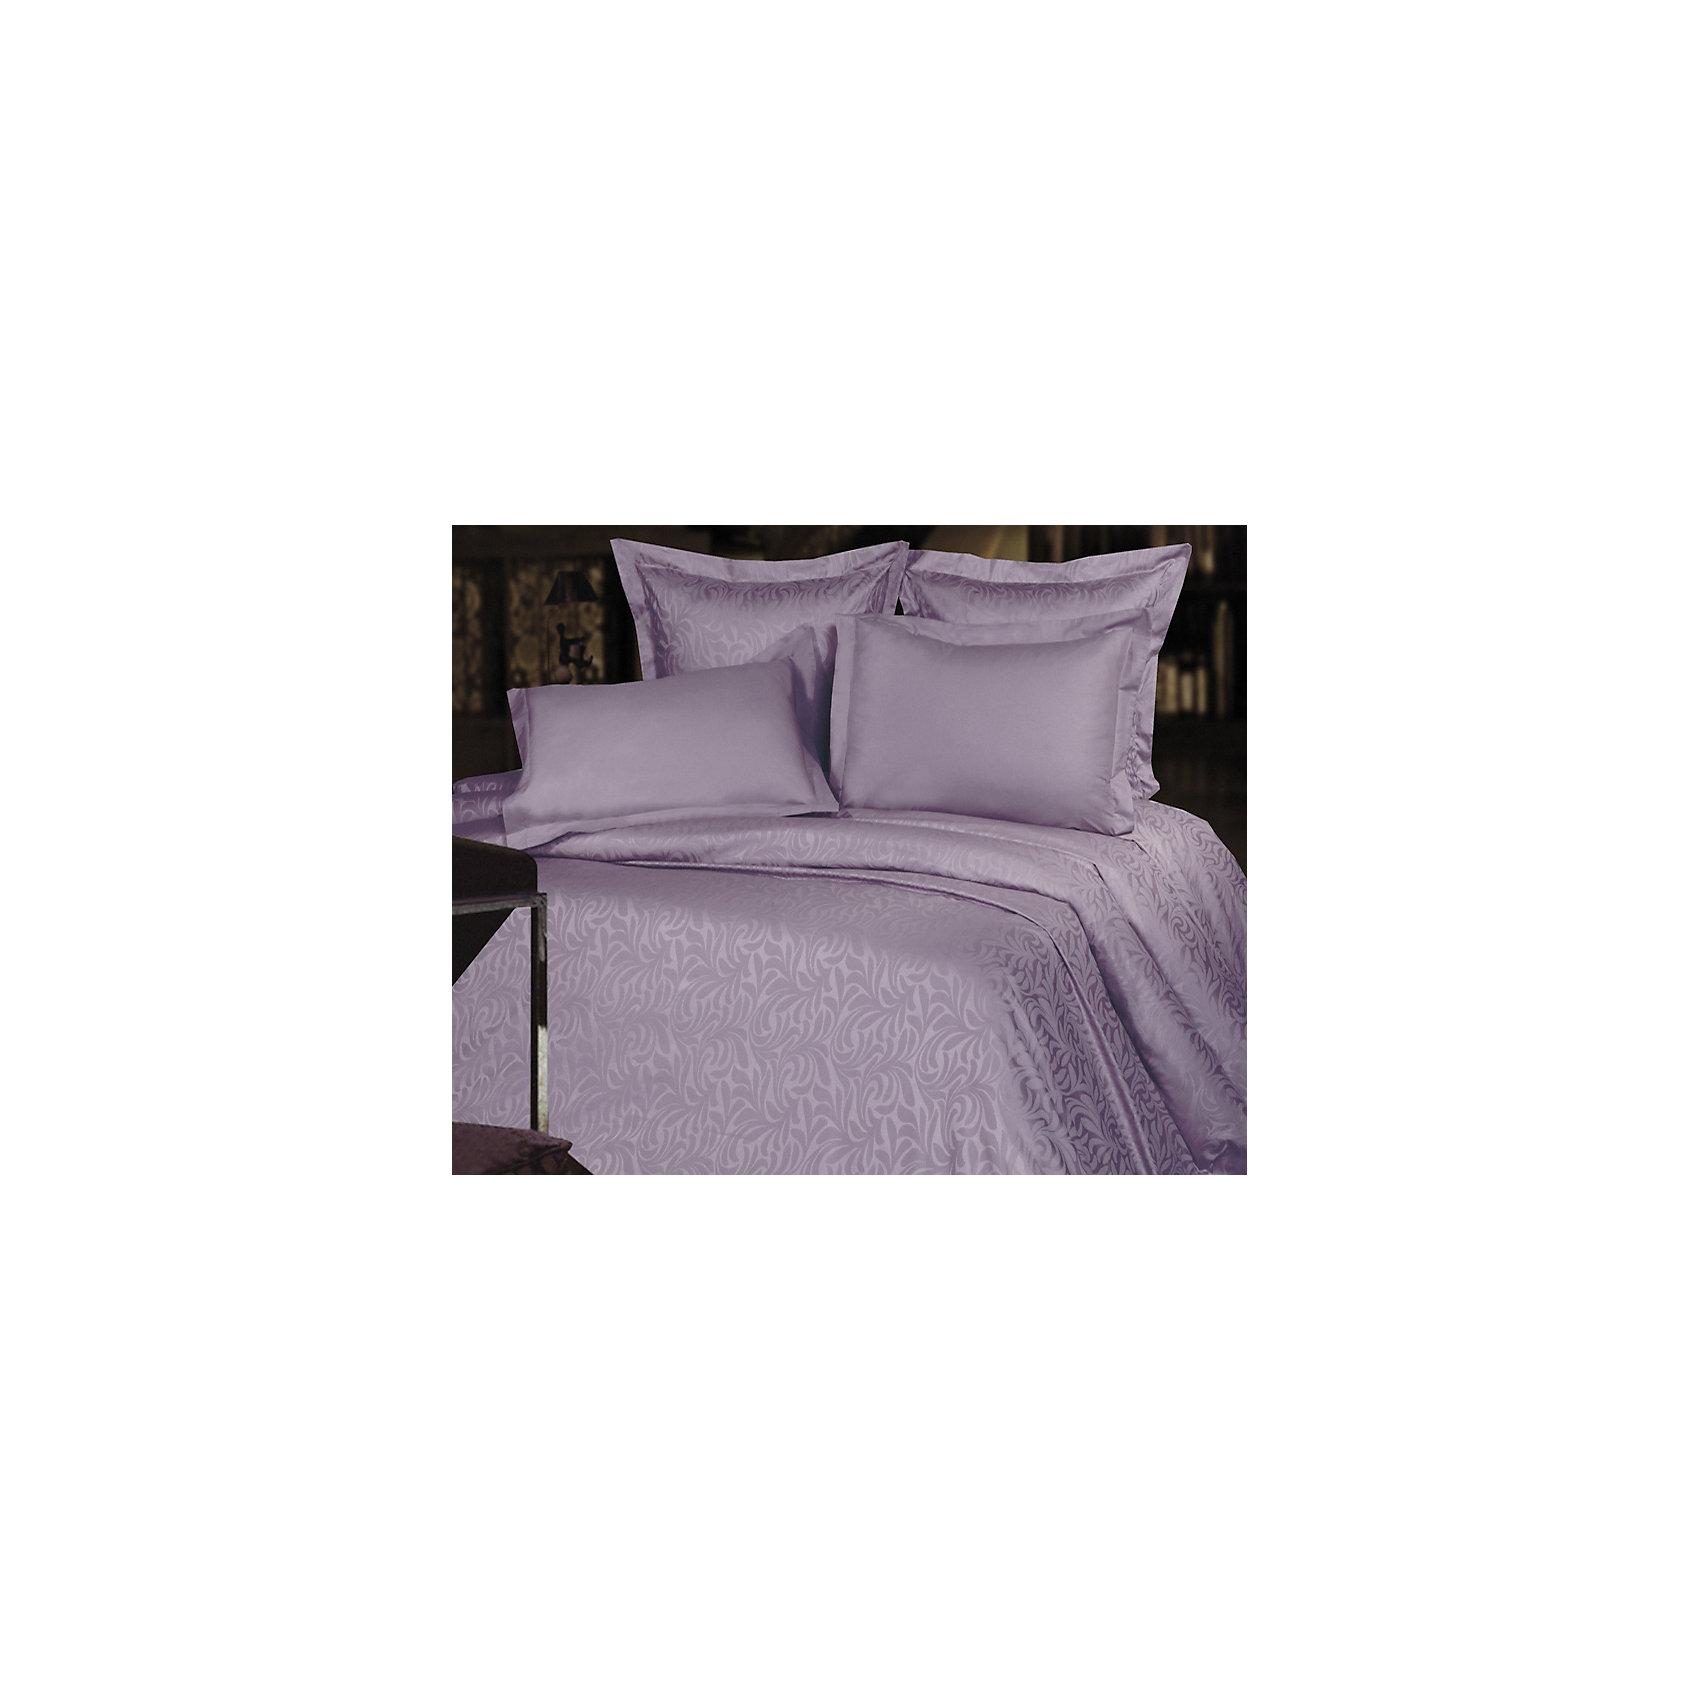 Постельное белье 1,5 сп Royal волна, Mona Liza, лаванда, нав. 70*70Домашний текстиль<br>Характеристики:<br><br>• в комплекте: простыня, пододеяльник, 2 наволочки<br>• материал: сатин-жаккард<br>• состав: 100% хлопок<br>• размер пододеяльника: 145х210 см<br>• размер простыни: 150х215 см<br>• размер наволочек: 70х70 см<br>• размер упаковки: 37х7х29 см<br>• вес: 1600 грамм<br><br>Белье из натурального хлопка имеет опрятный внешний вид, который сохраняется даже после множества стирок. Хлопок не раздражает кожу, обладает высокой гигроскопичностью и воздухопроницаемостью. Спать на таком белье очень приятно и комфортно.<br><br>Постельное белье 1,5 сп Royal волна, Mona Liza (Мона Лиза), кремовый, нав. 70*70 вы можете купить в нашем интернет-магазине.<br><br>Ширина мм: 290<br>Глубина мм: 70<br>Высота мм: 370<br>Вес г: 1600<br>Возраст от месяцев: 144<br>Возраст до месяцев: 600<br>Пол: Унисекс<br>Возраст: Детский<br>SKU: 6765273